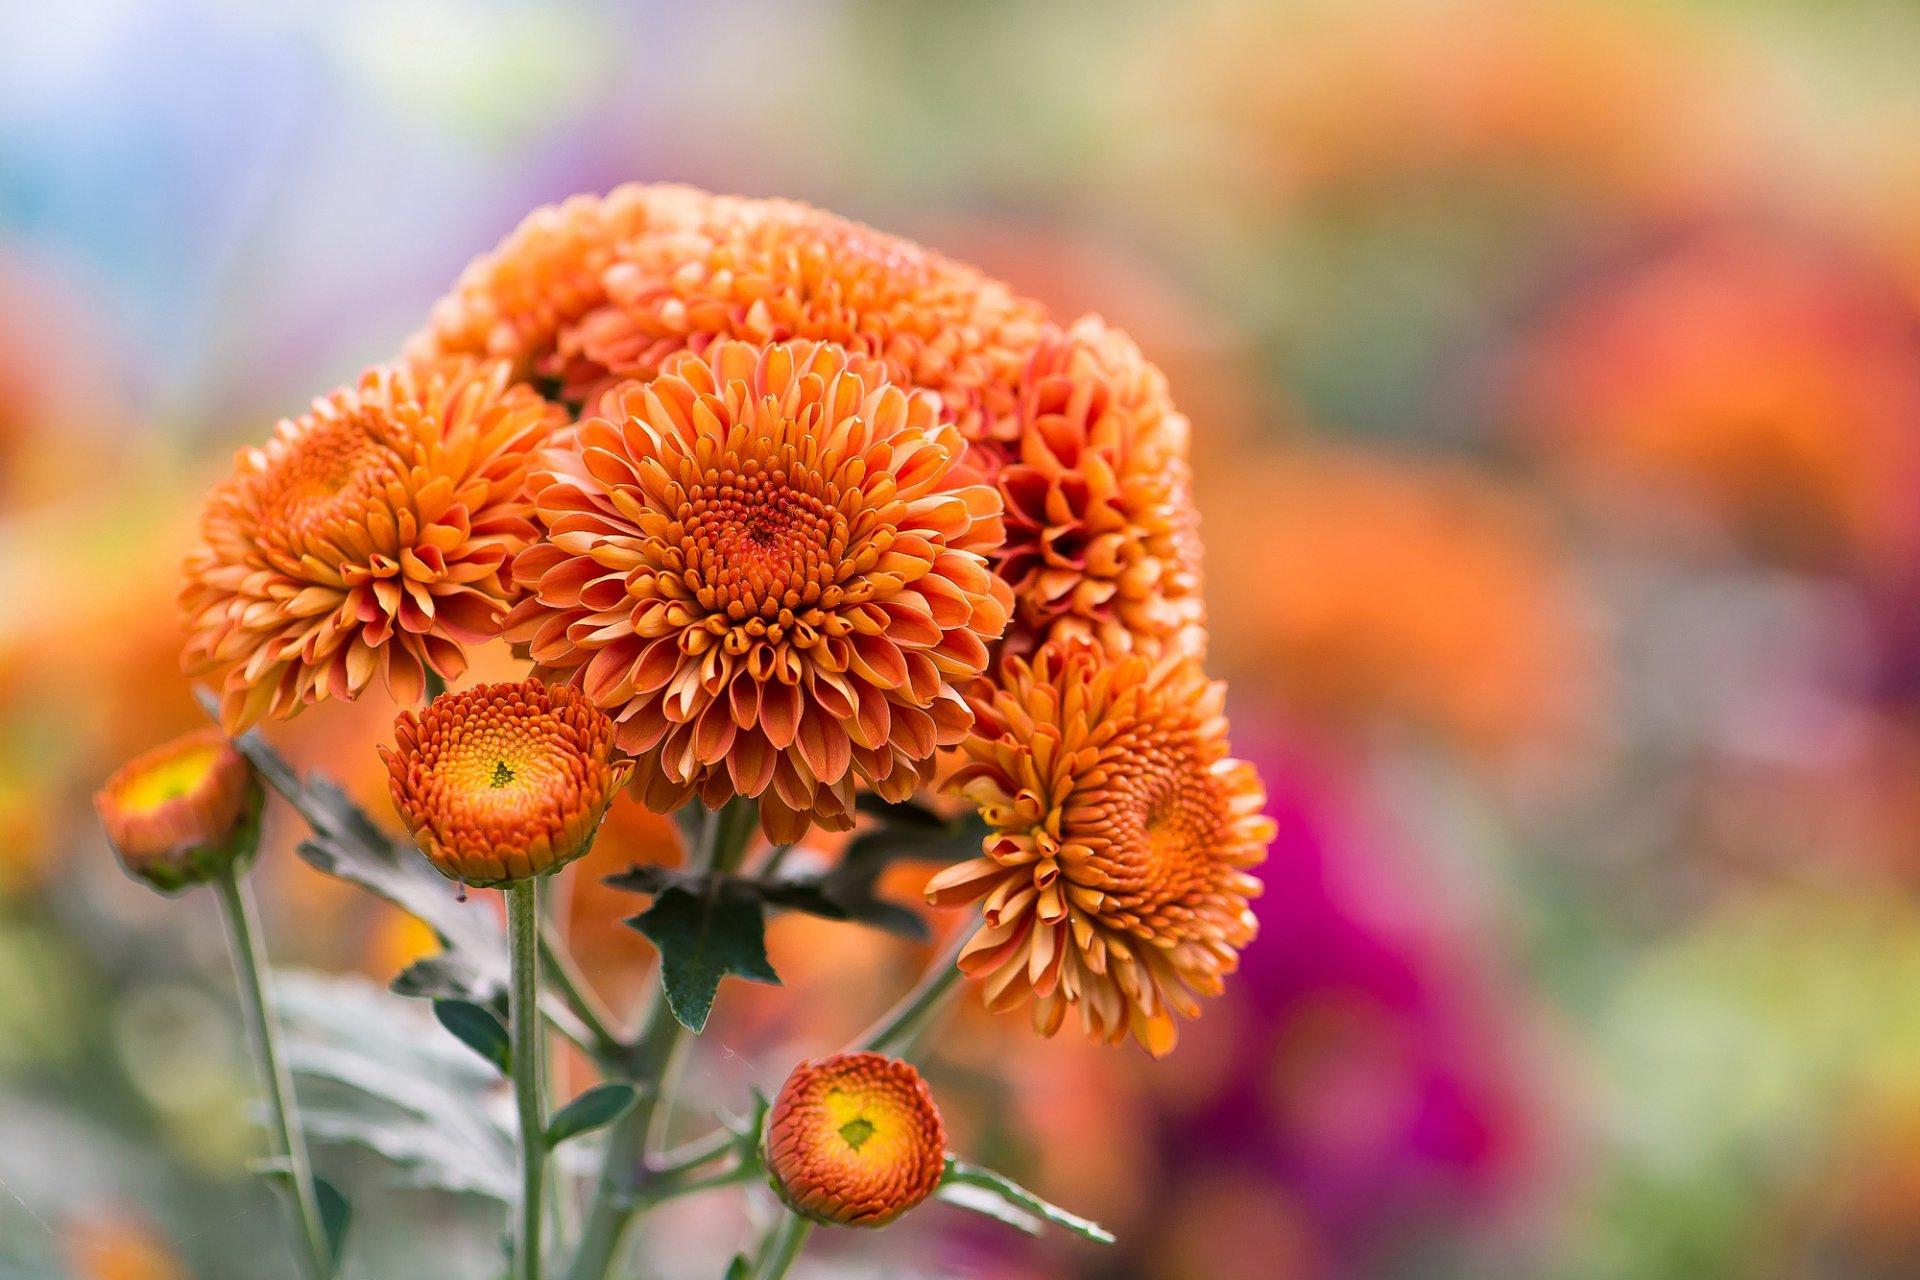 собрались фотографии осенних цветов вас открытки